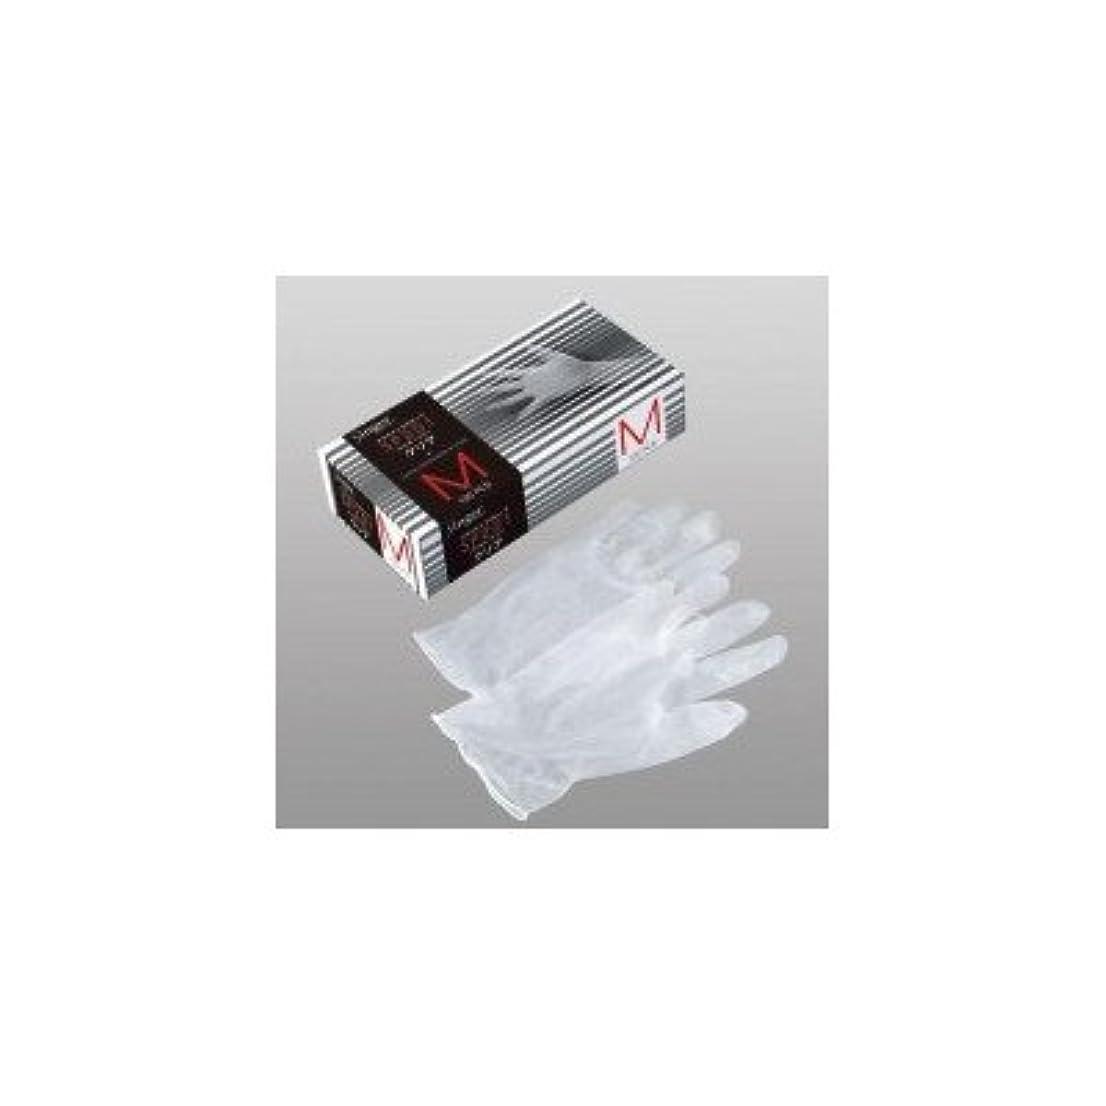 一人で母性重大シンガープラスチックグローブ(手袋) SP201 パウダーフリー クリアー(100枚) S( 画像はイメージ画像です お届けの商品はSのみとなります)